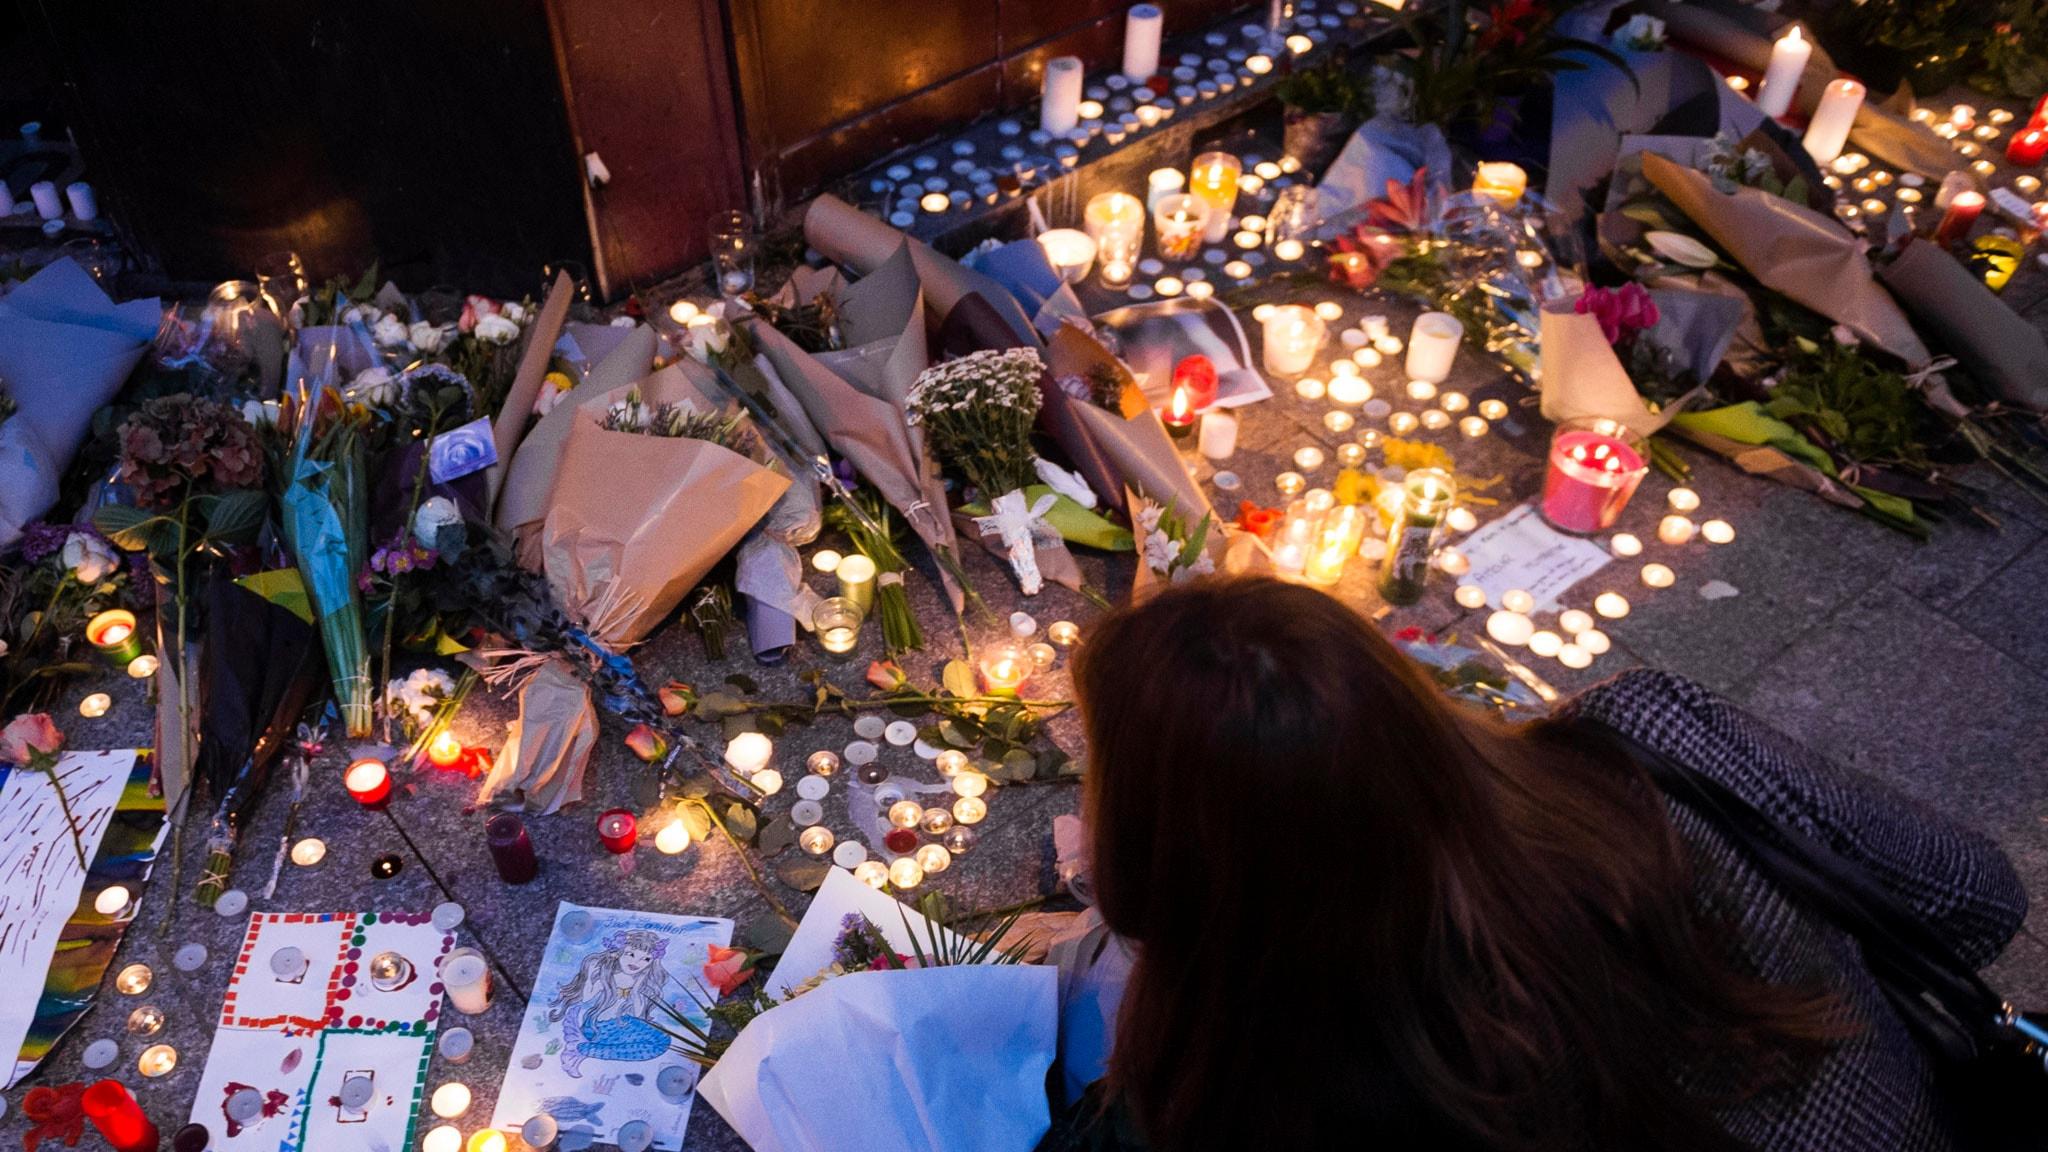 P3 Nyheter dokumentär om terrordåden i Paris